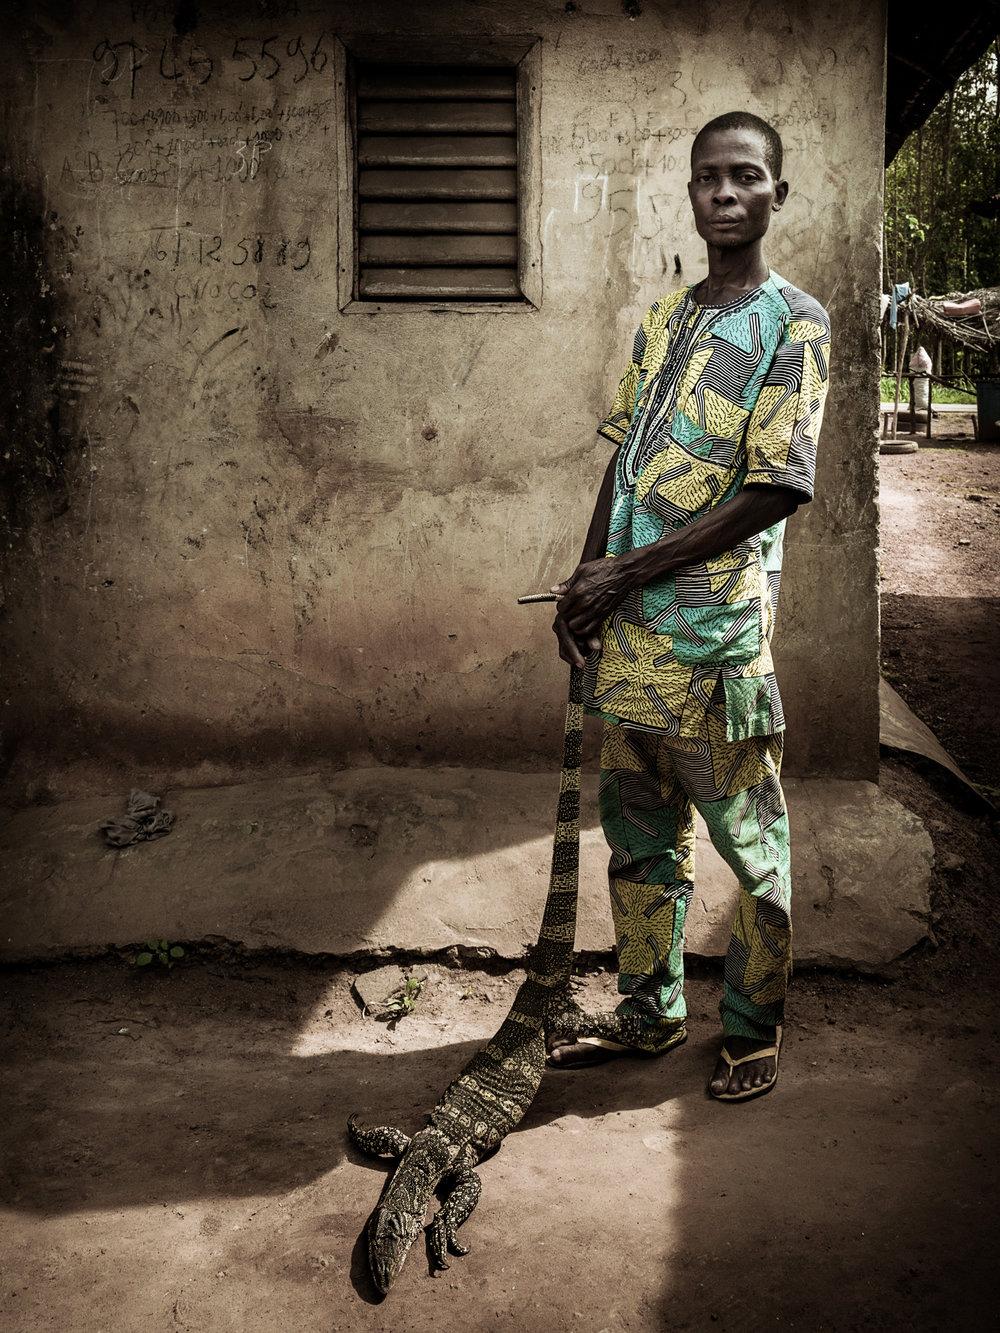 Benin_2000_Man with lezard.jpg